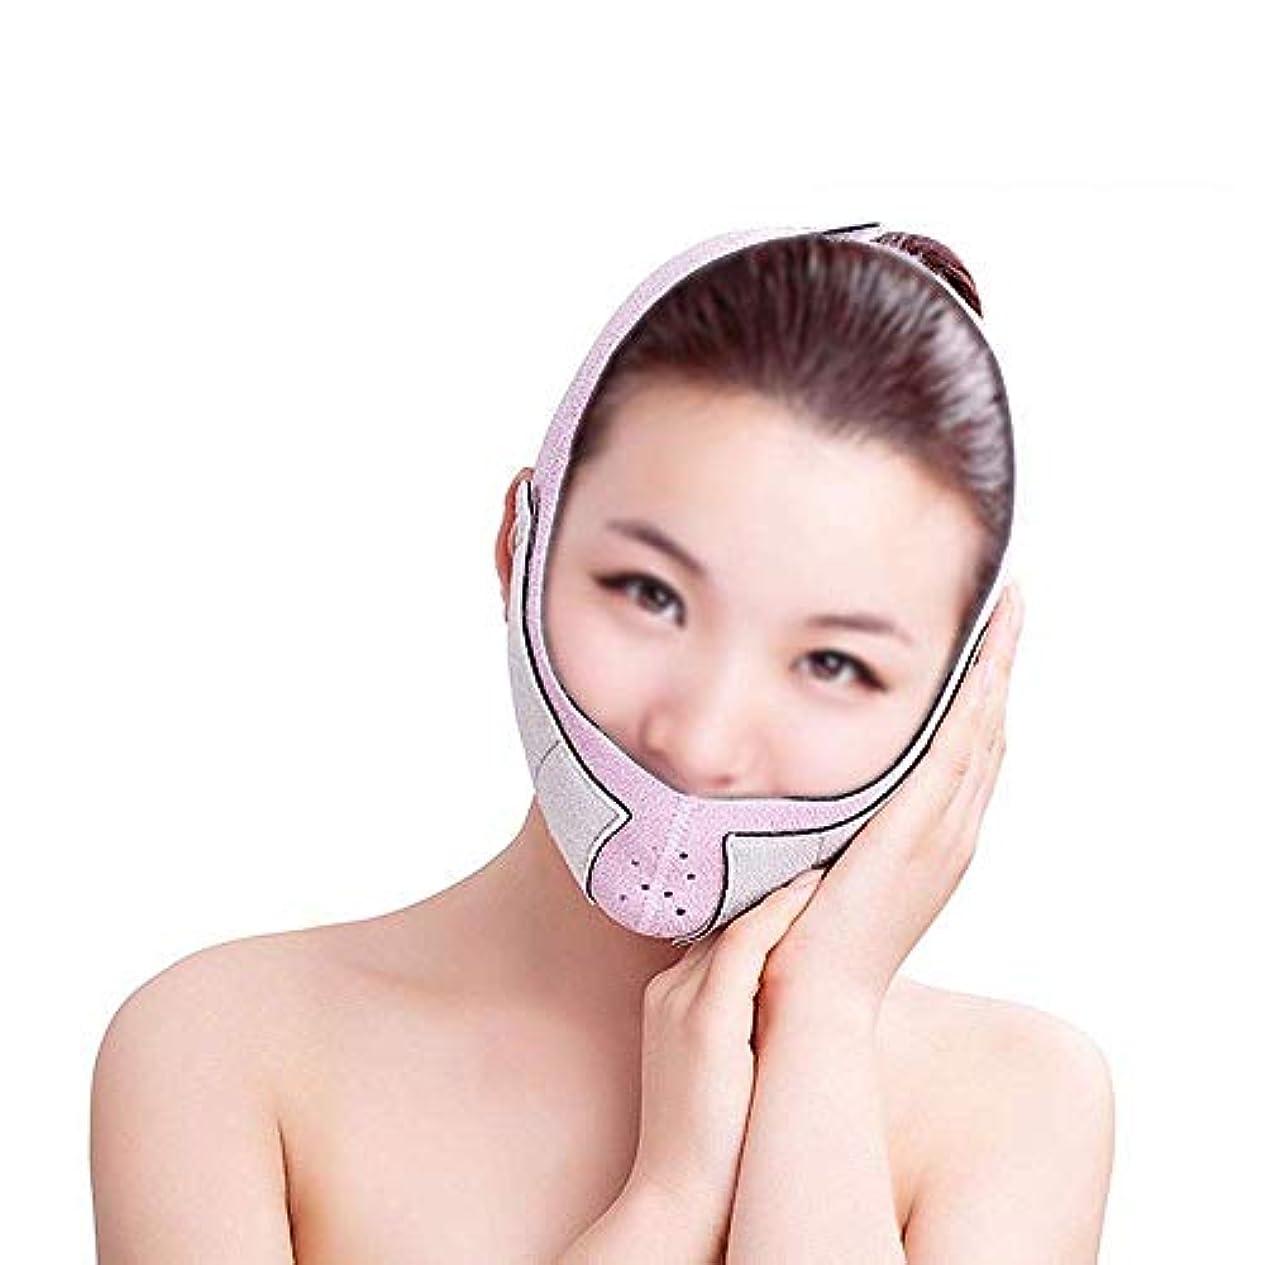 工業化する説得冷蔵するフェイスリフトマスク、スリミングベルト薄いフェイスマスク強力なリフティング小さなV顔薄い顔包帯美容顔リフティングデバイス